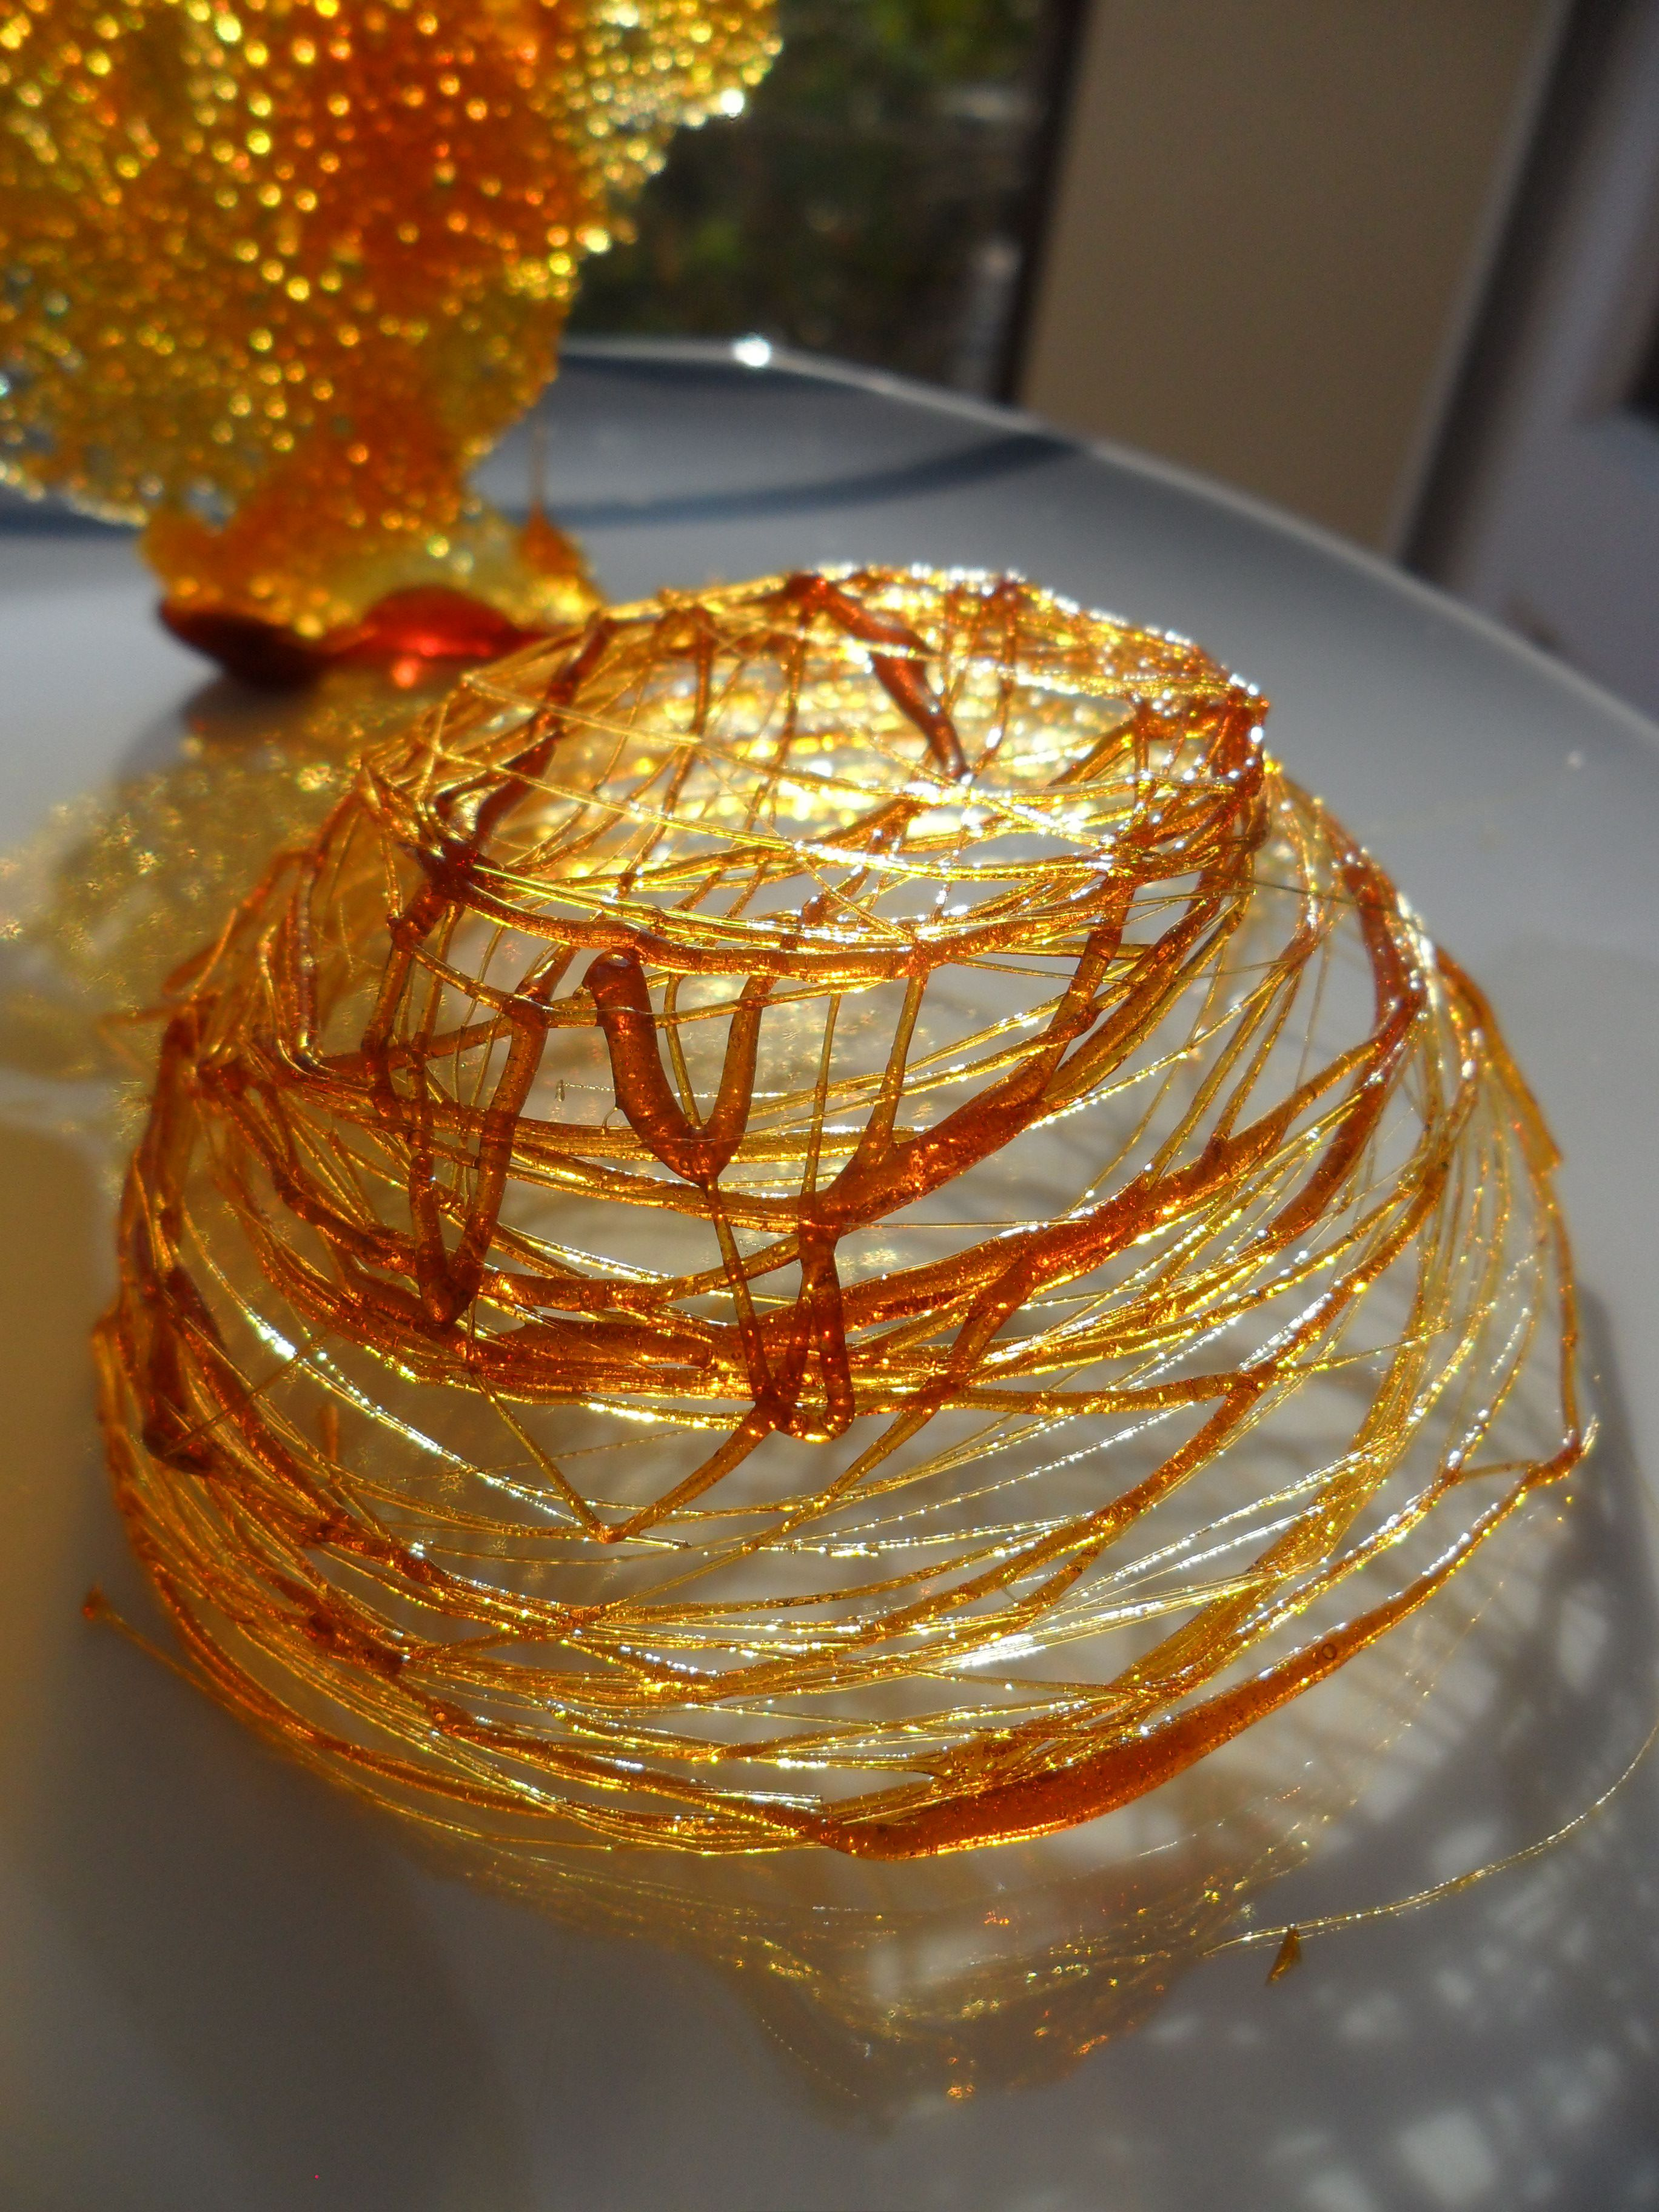 Les caramels et sucre fil il suffit juste de mettre du - Que mettre dans un gateau de couche ...